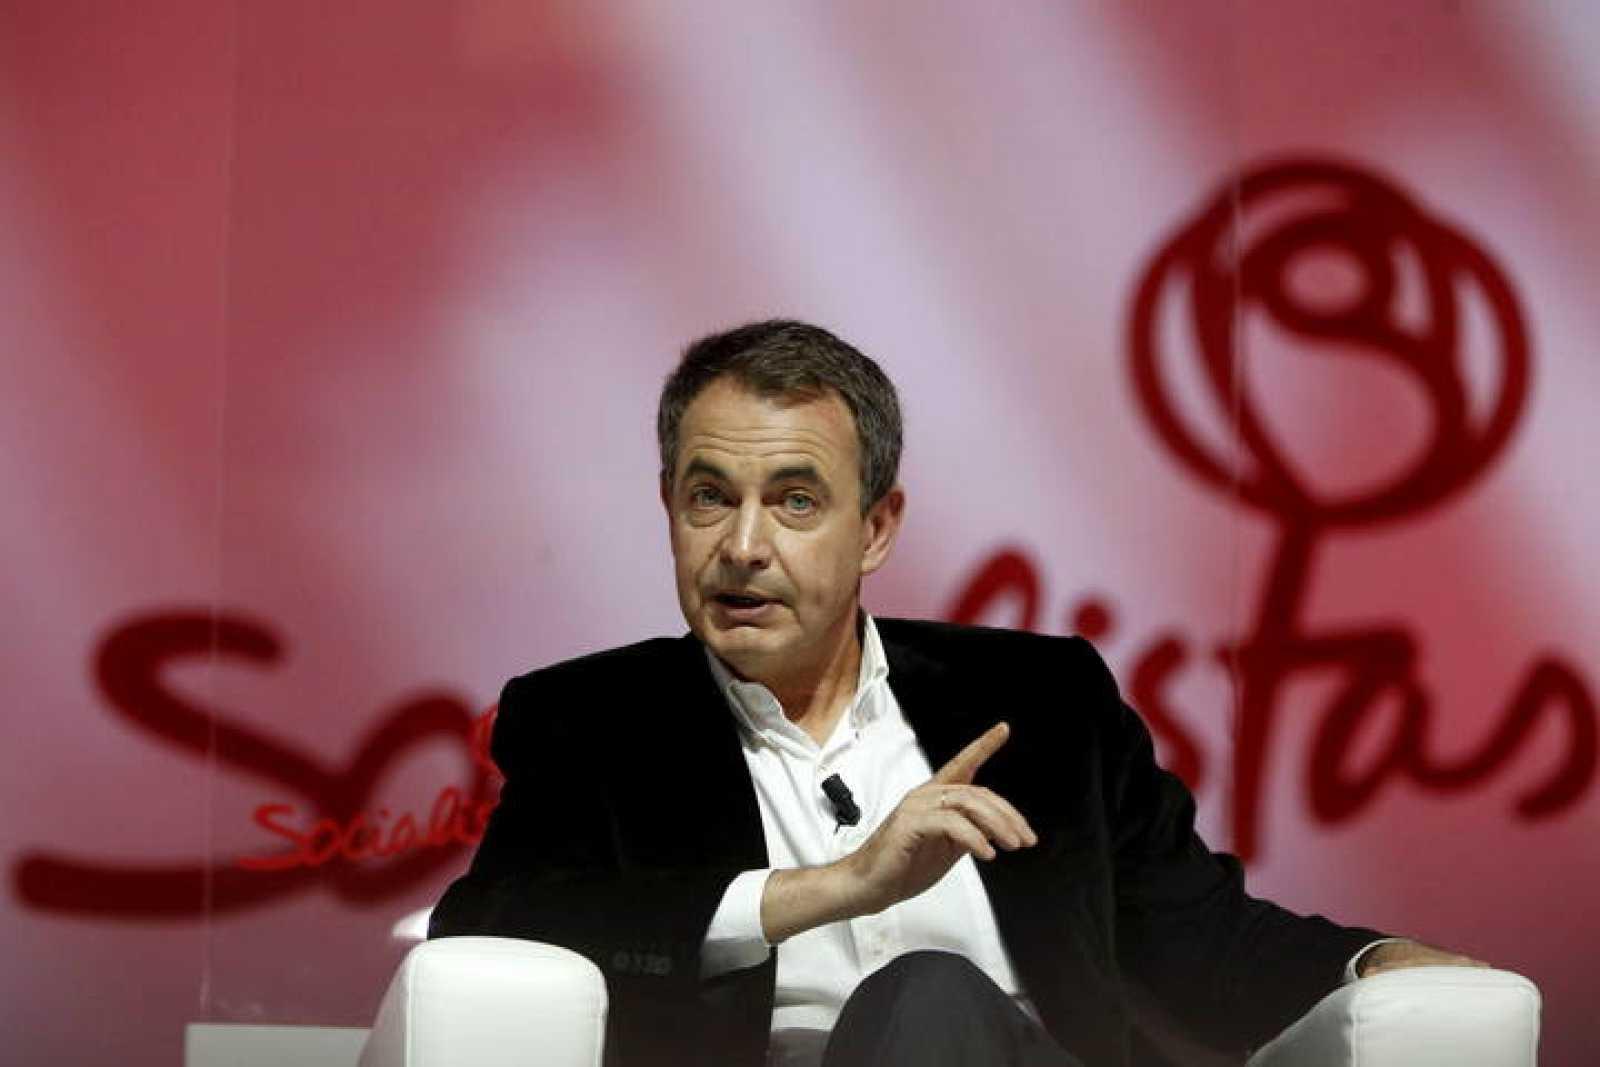 José Luis Rodríguez Zapatero, durante su participación en un foro sobre Igualdad.